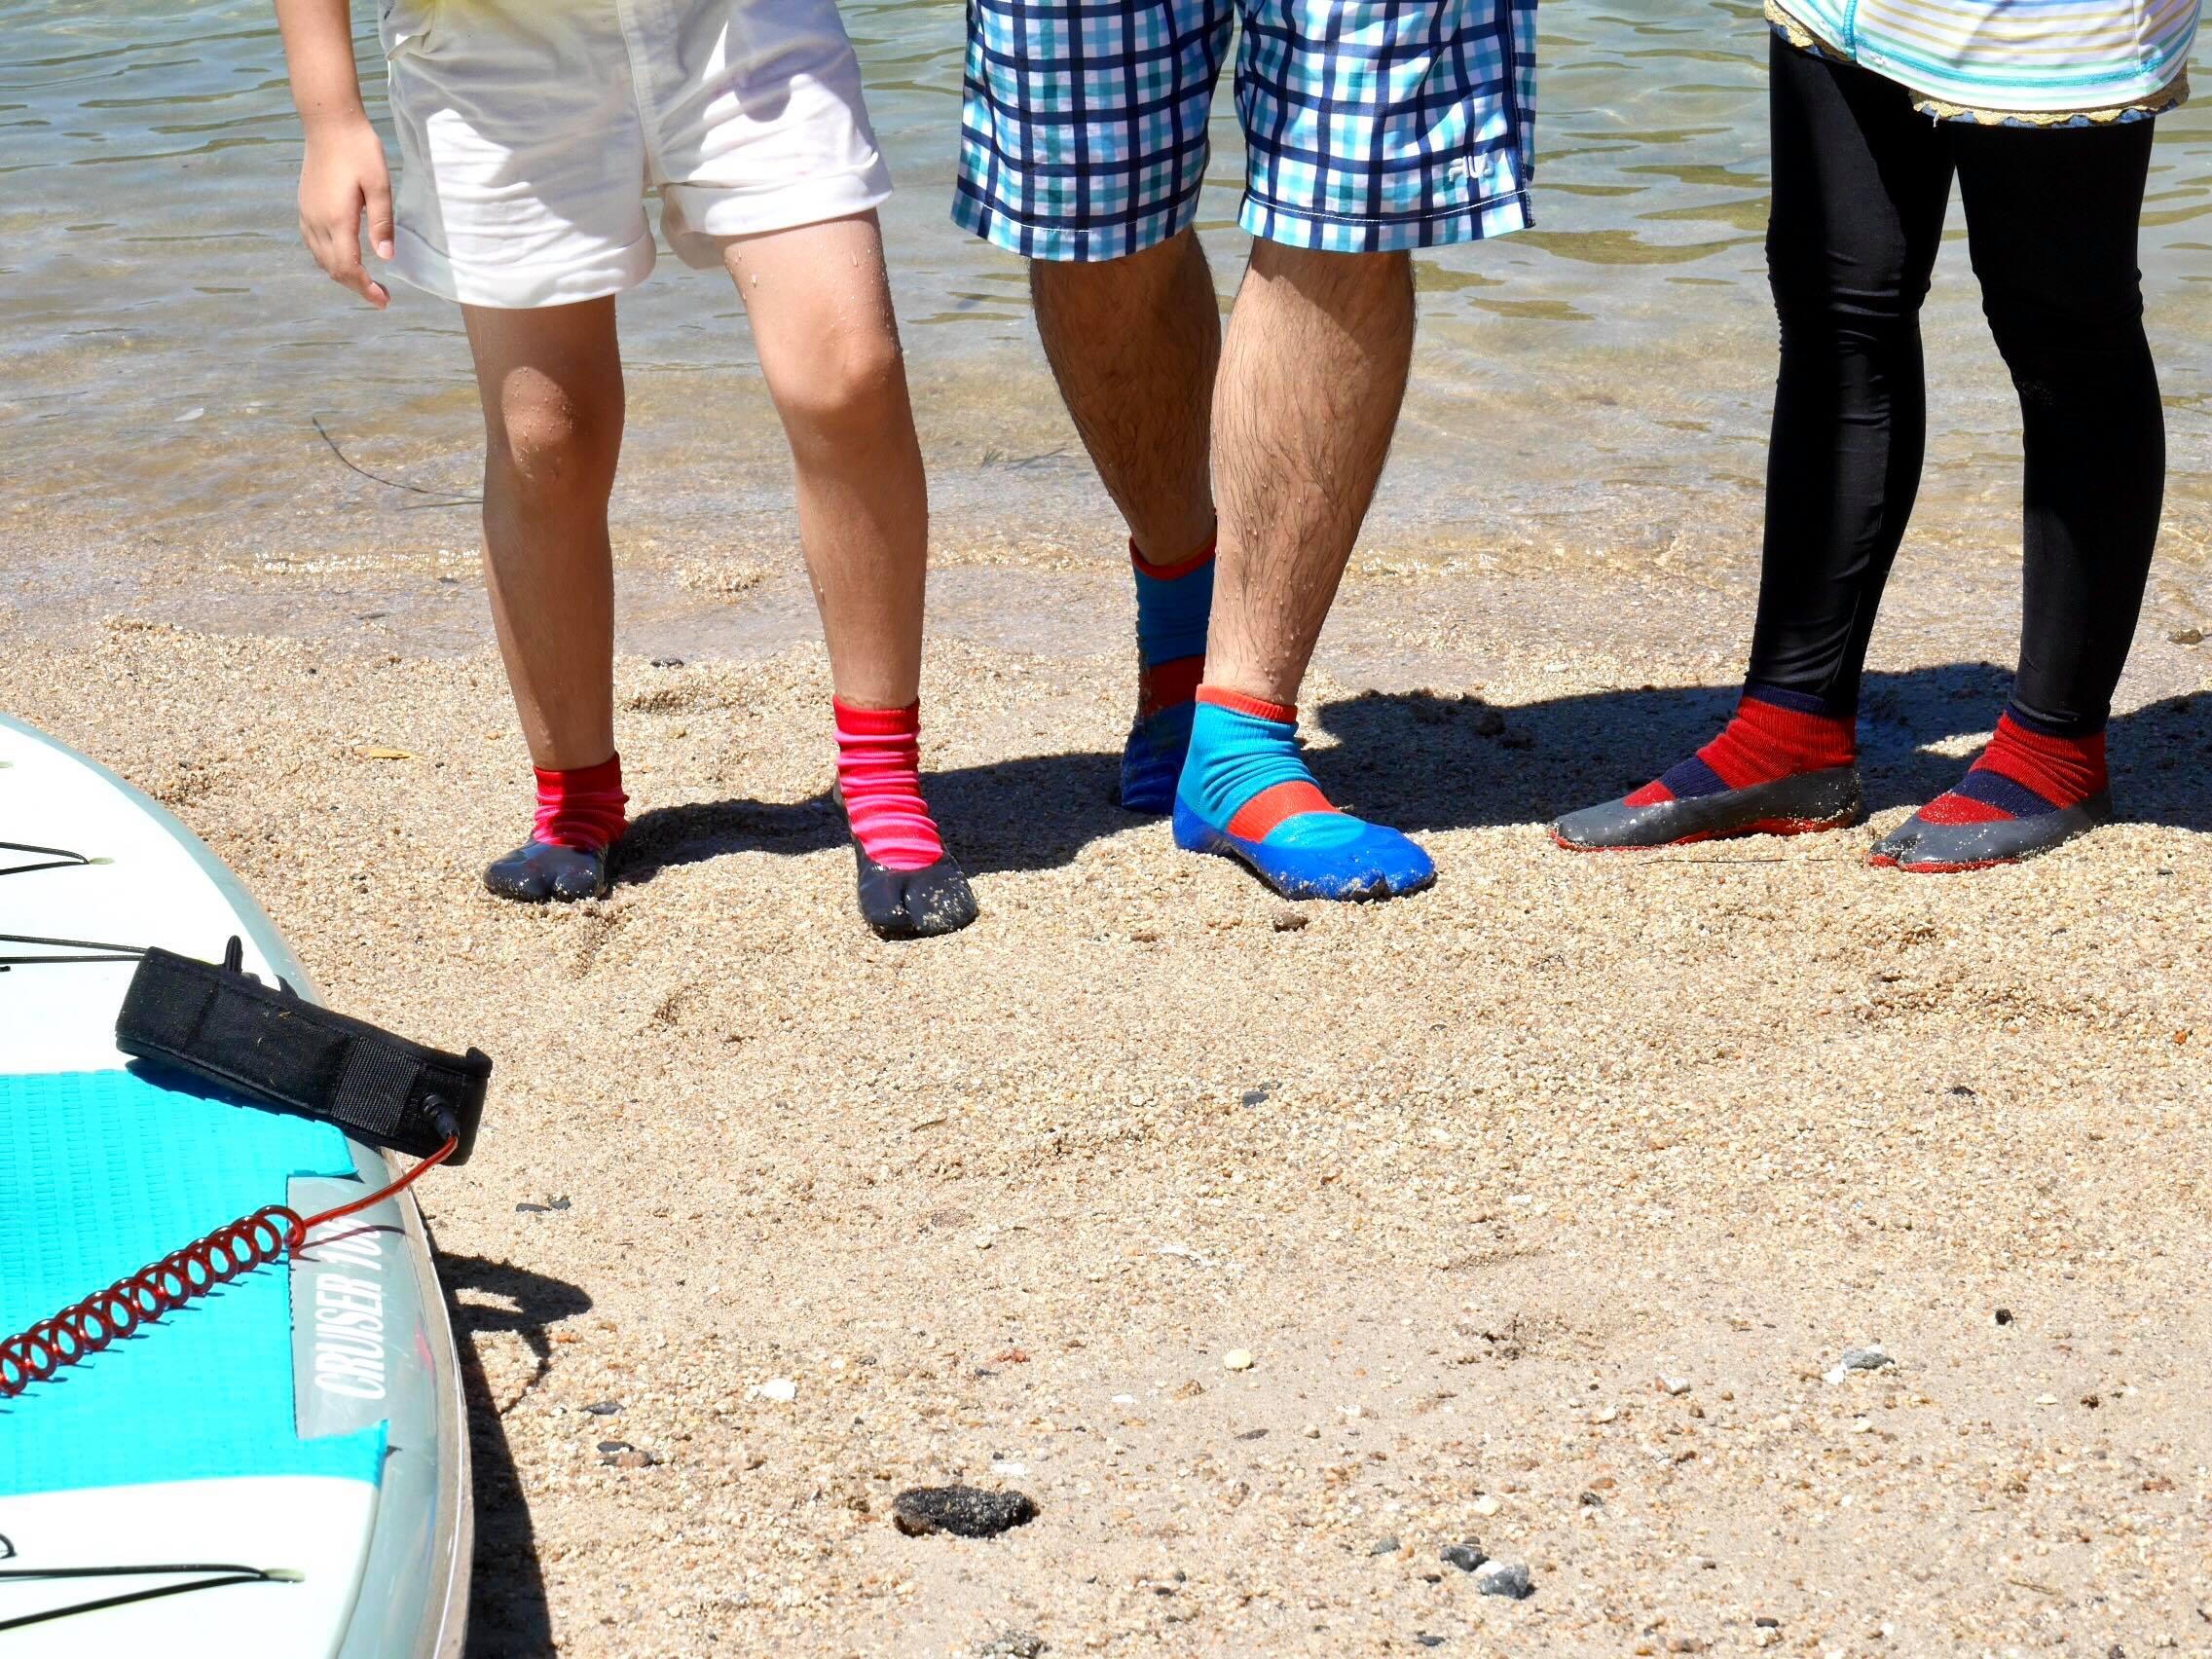 夏のビーチでSUPとシーカヤック体験